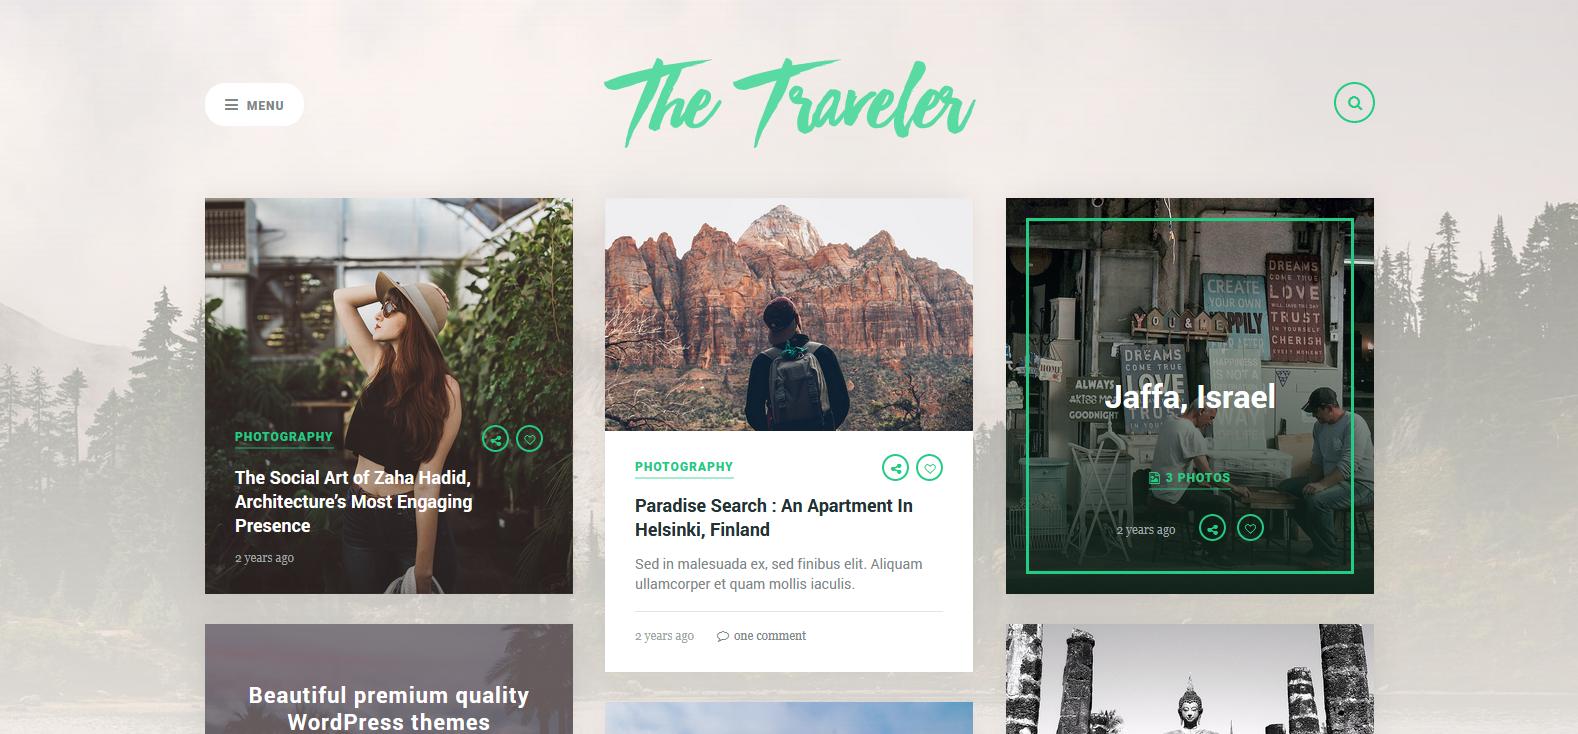 Демо-версия сайта с темой The Traveler